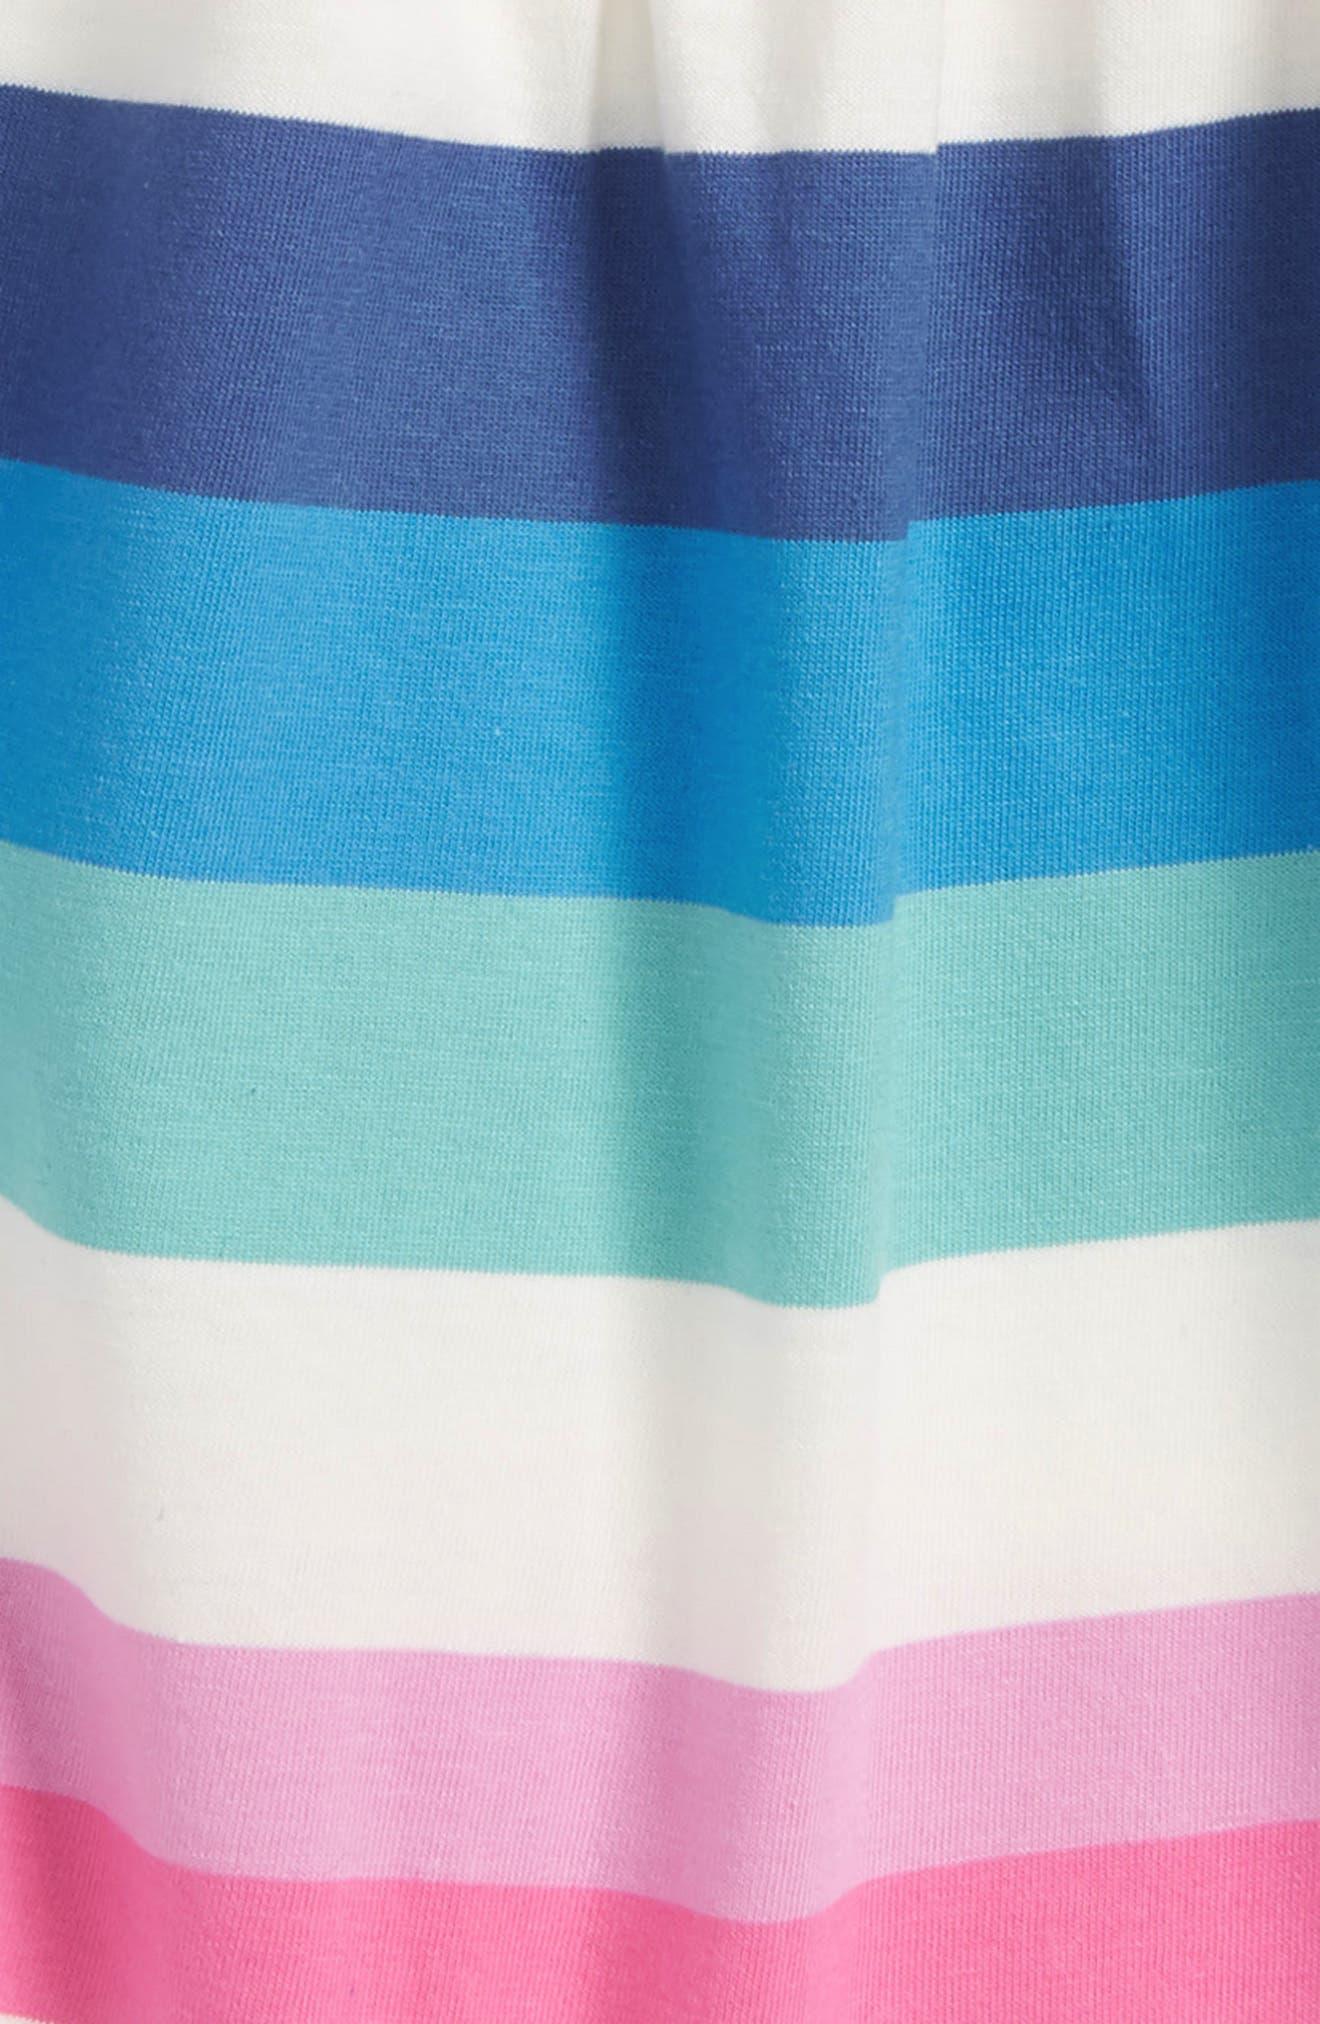 Stripe Bubble Romper,                             Alternate thumbnail 2, color,                             Cobalt